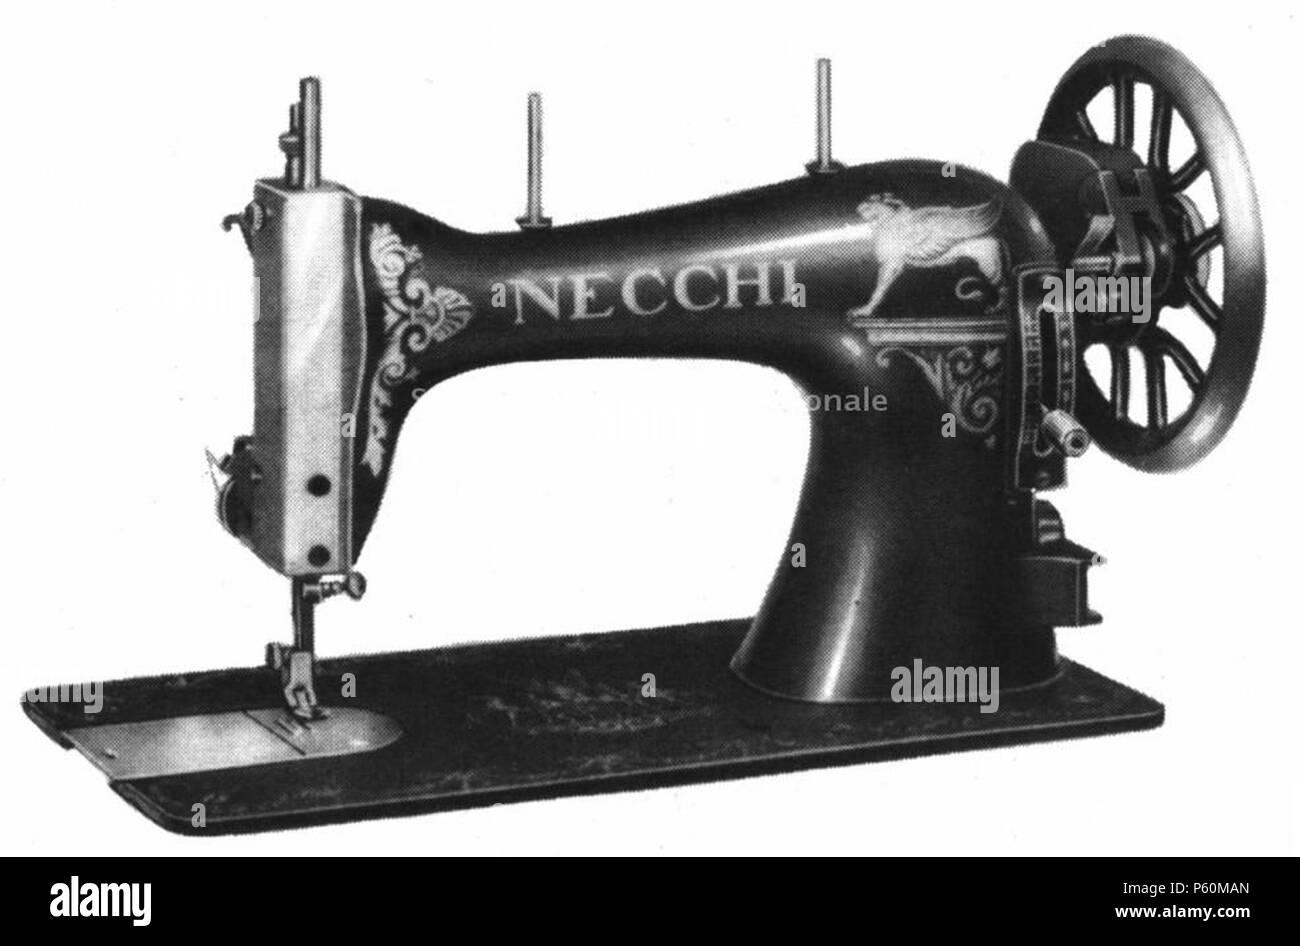 N/A. Italiano: Una delle prime macchine per cucire domestiche Necchi, destinate al mercato nazionale, anni venti . 1920s. Unknown 551 FedoraNecchi - Stock Image